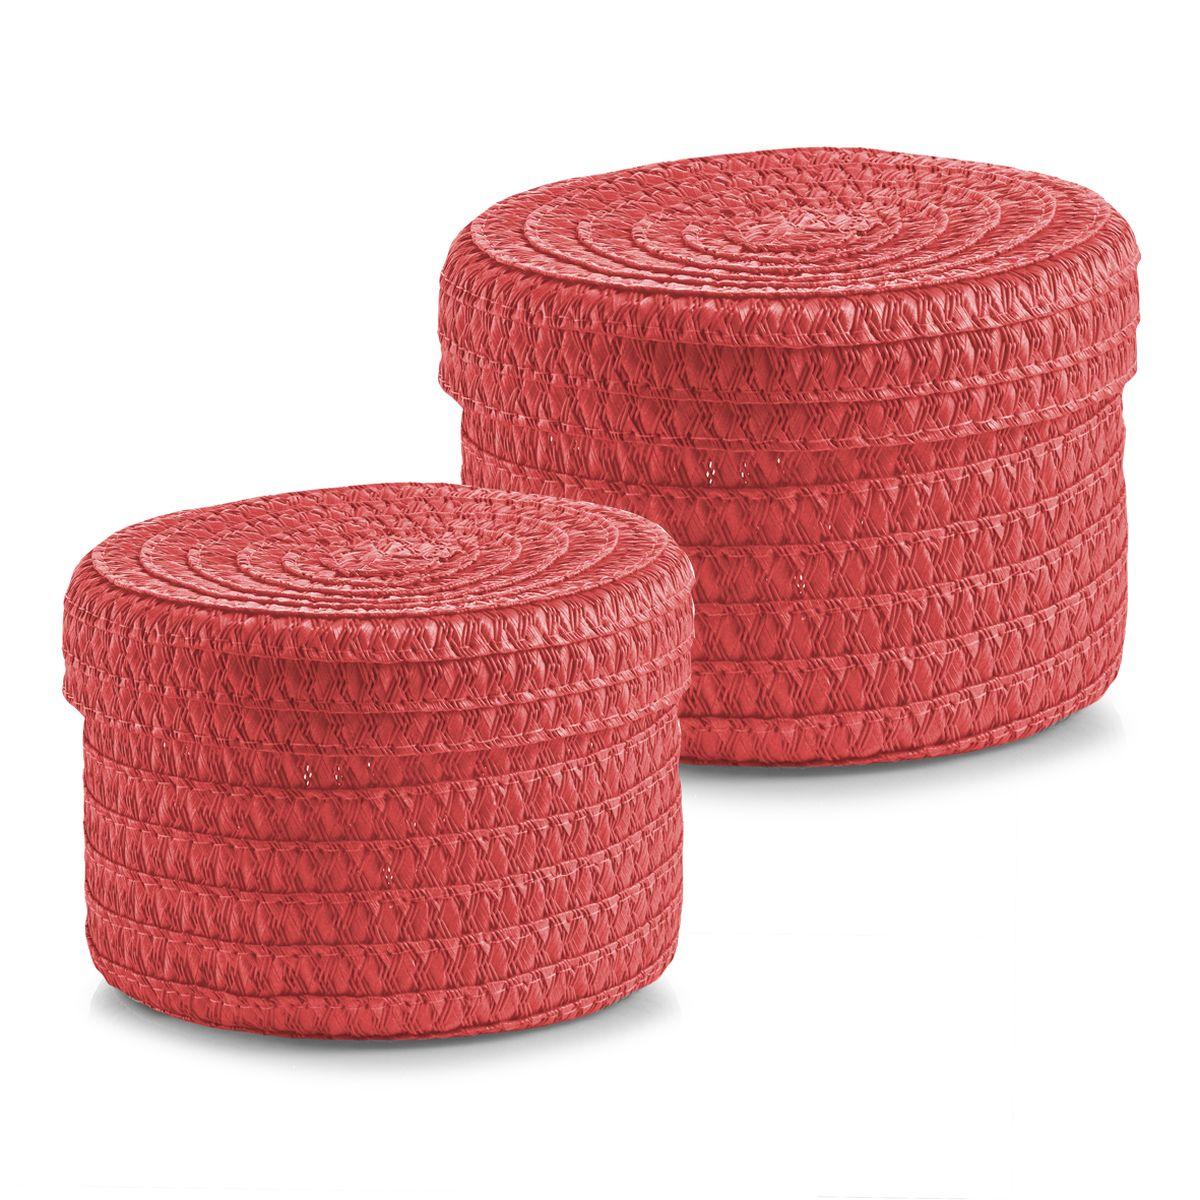 Набор корзин Zeller с крышками, цвет: коралловый, 2 шт14021Набор Zeller состоит из двух корзин разного размера. Корзинки изготовлены из текстиля и оснащены крышками. Изделия идеально подходят для упаковки подарков, цветочных композиций и подарочных наборов, для хранения различных вещей и аксессуаров. Так же они являются прекрасным декоративным элементом интерьера. Такие корзины будут создавать уют и комфорт в вашем доме и станут отличным подарком. Диаметр корзин: 16 см, 17 см. Высота корзин: 10 см, 12 см.